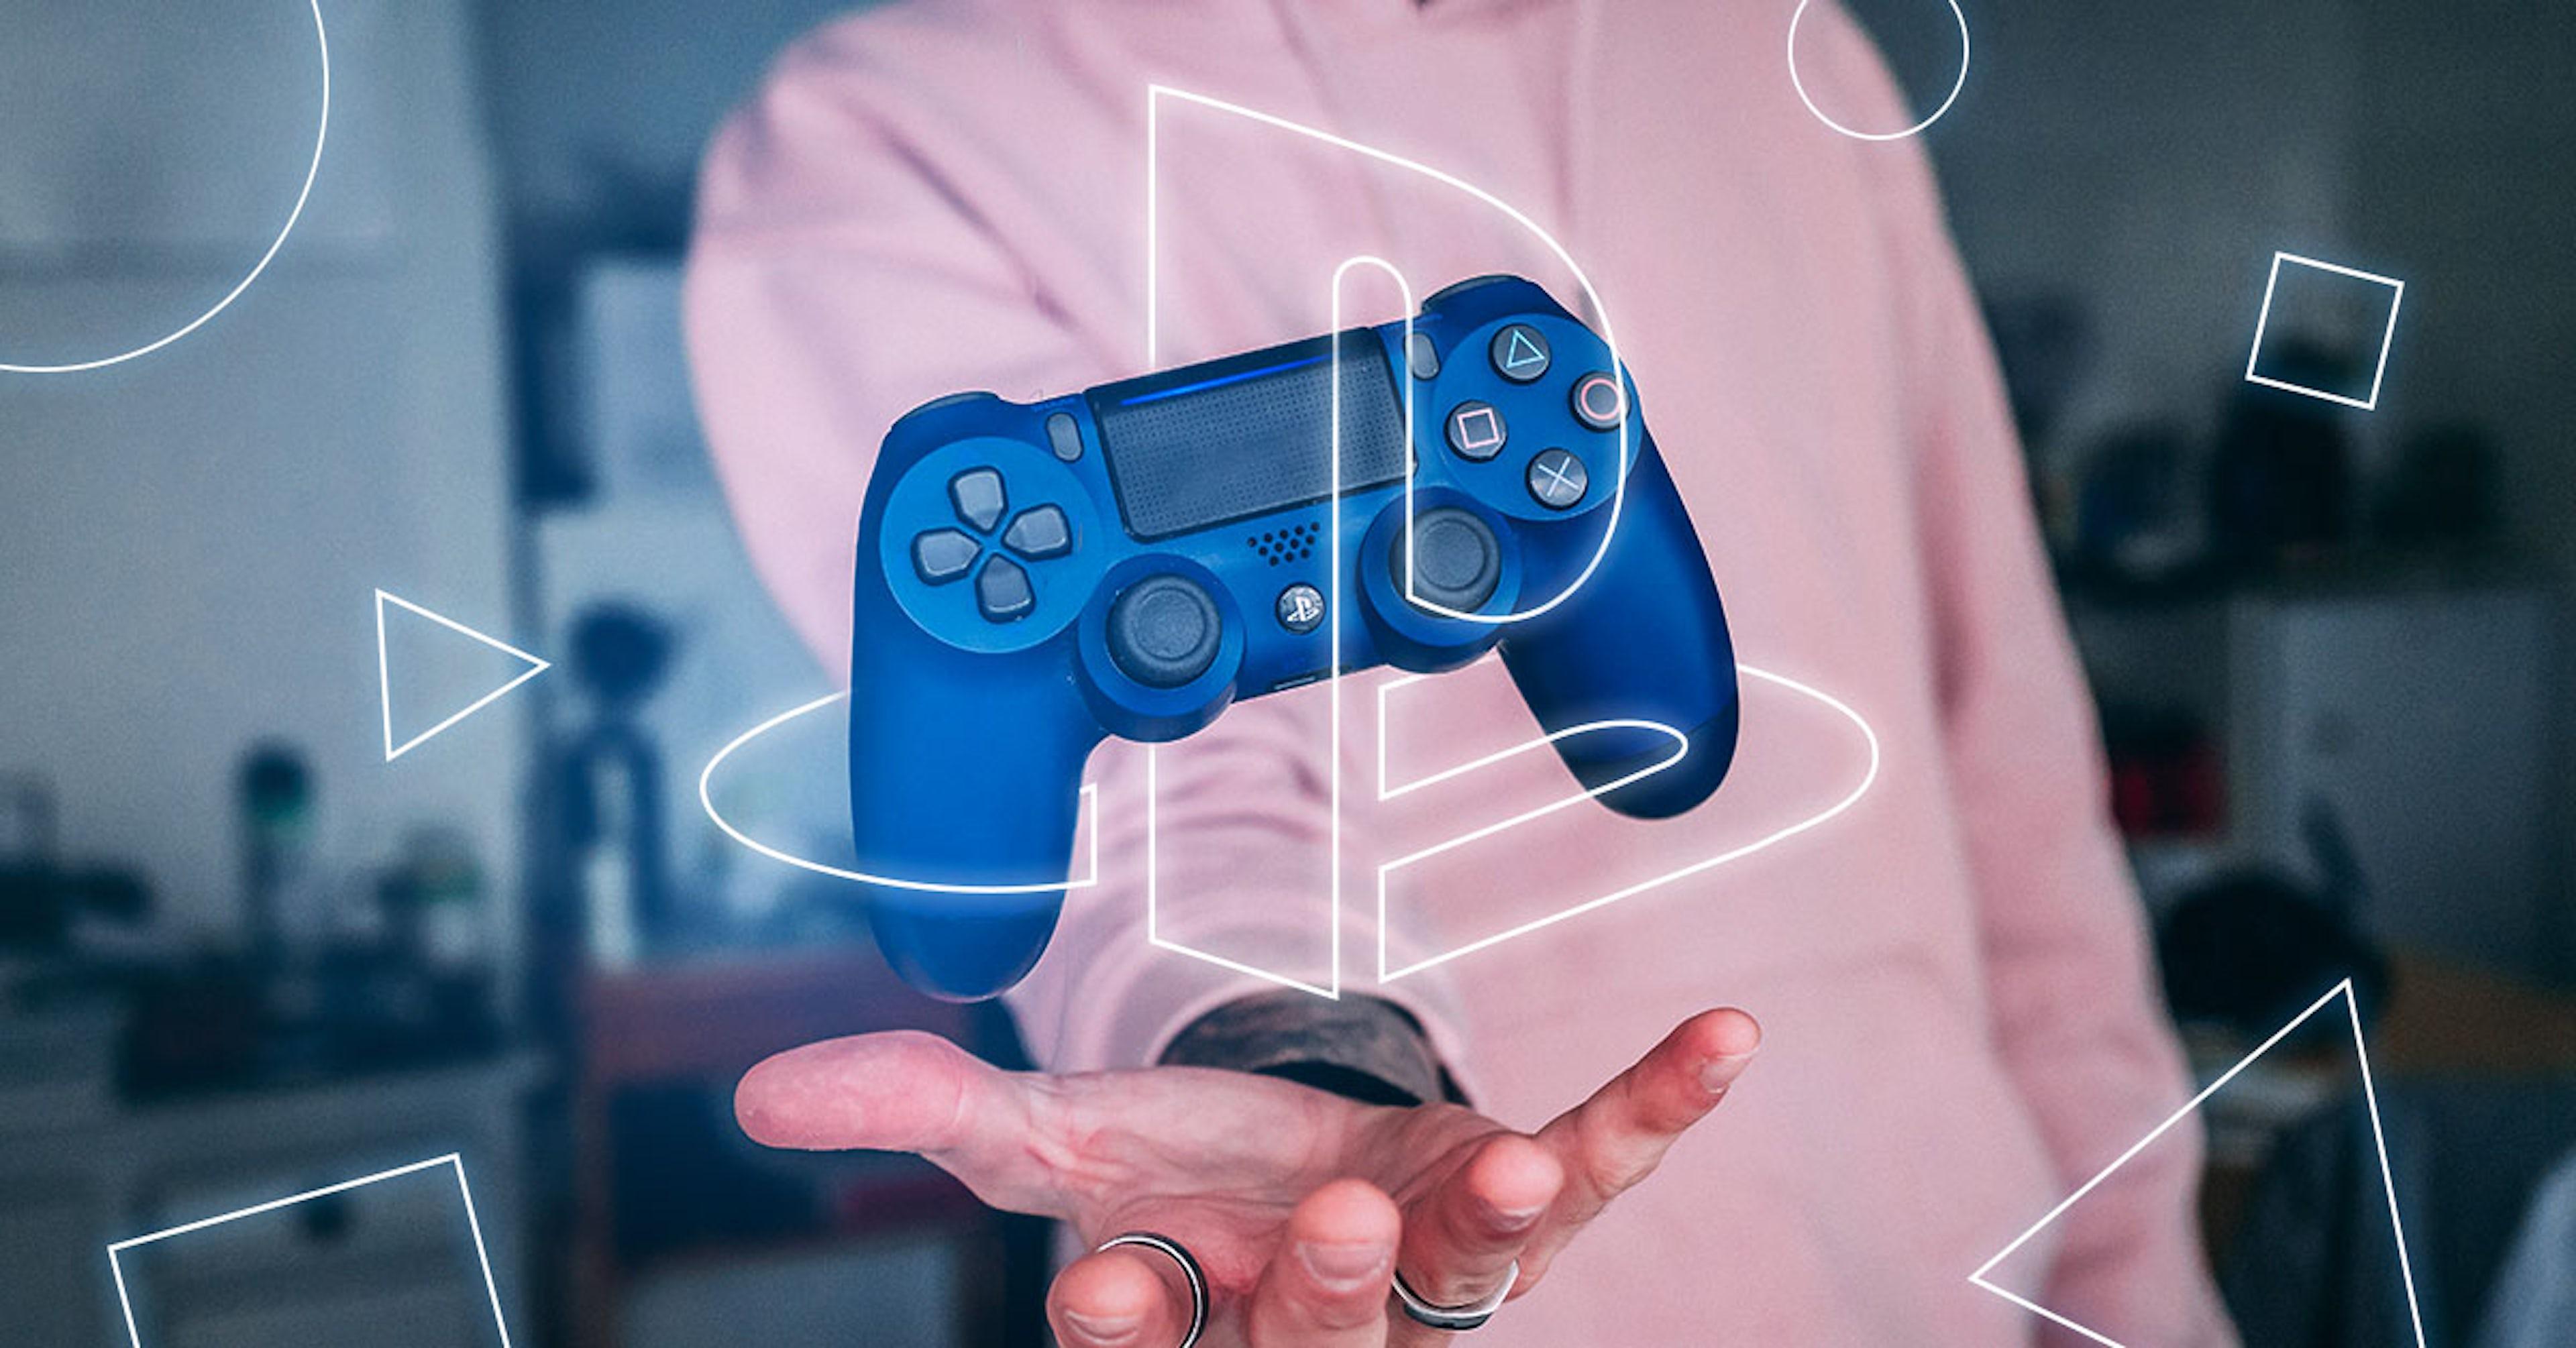 PlayStation 5 saldrá con inteligencia artificial. Conoce más aquí